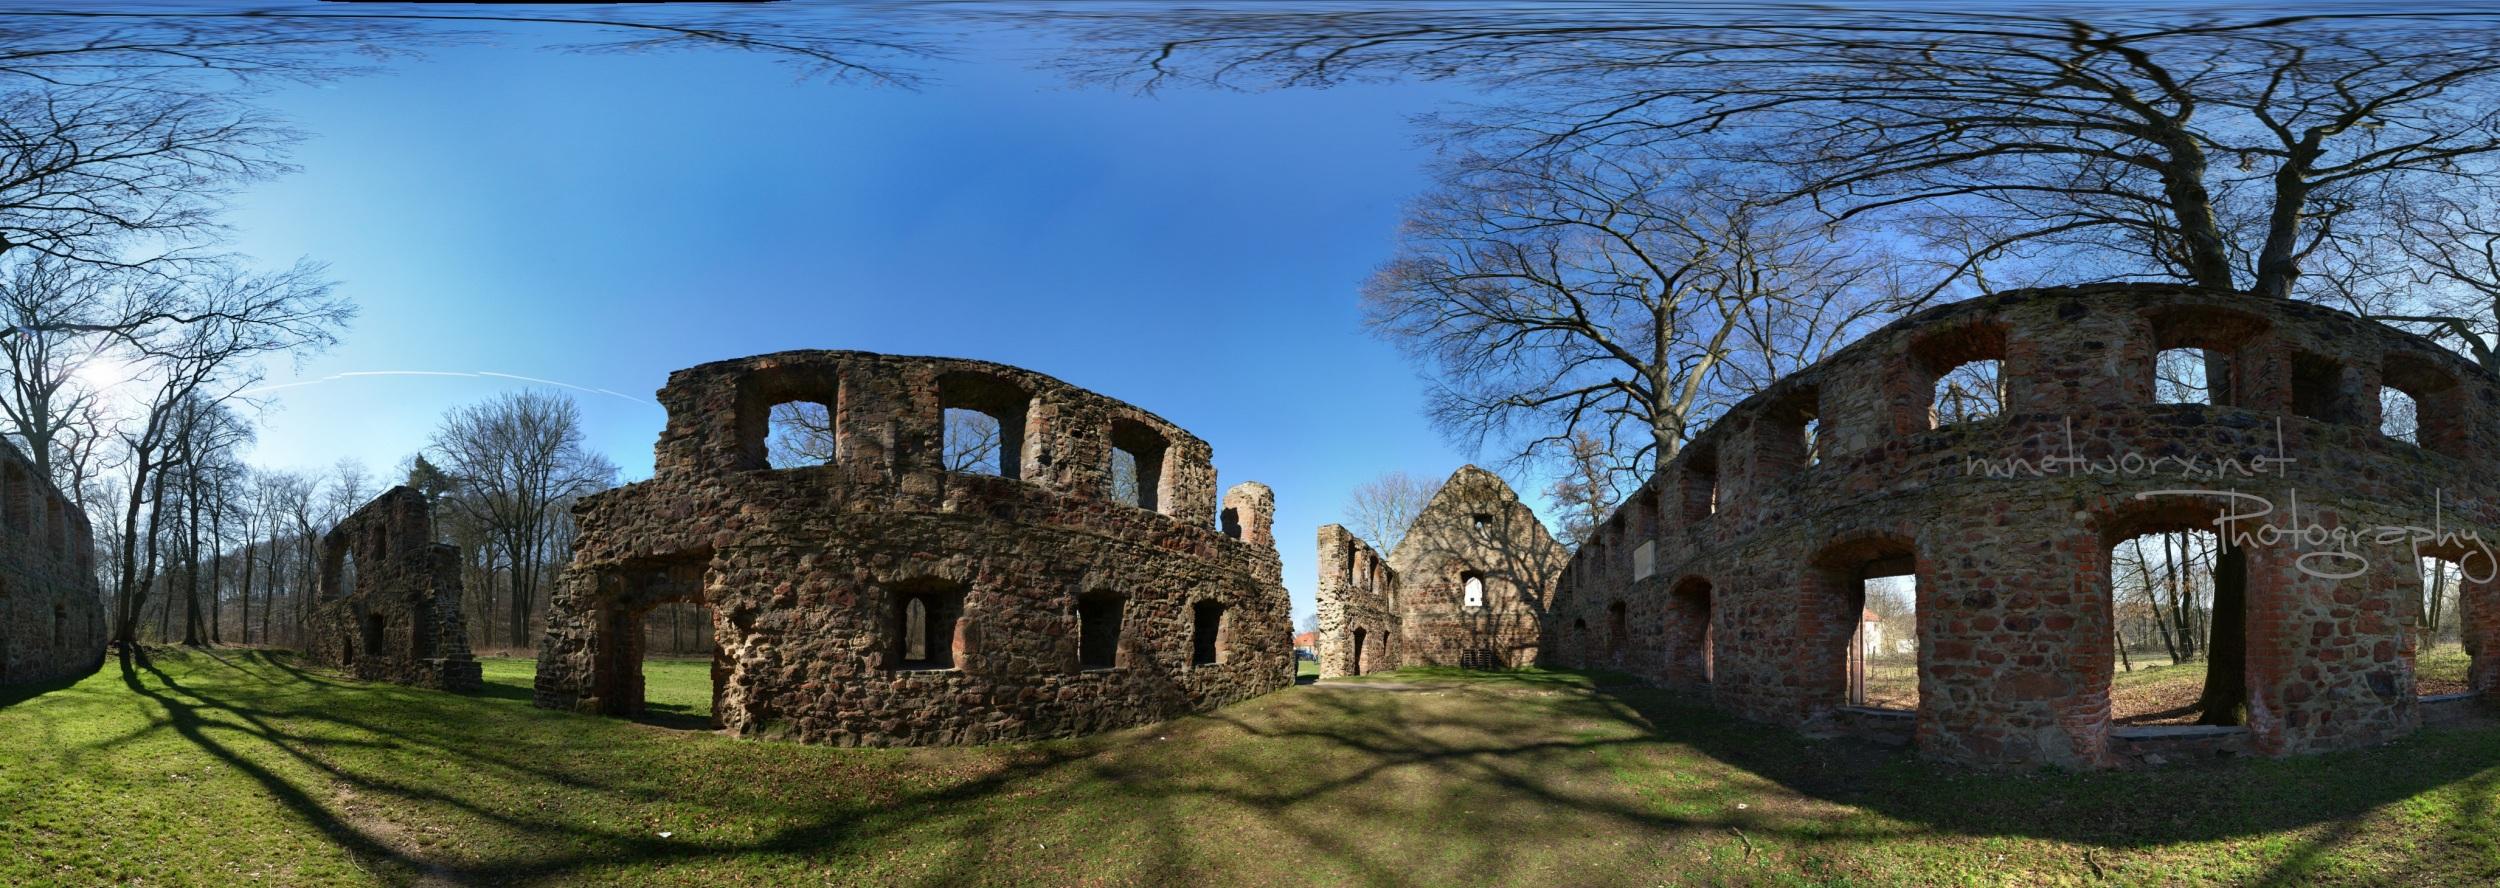 Kloster Nimbschen - erstes Gigapixel Pano